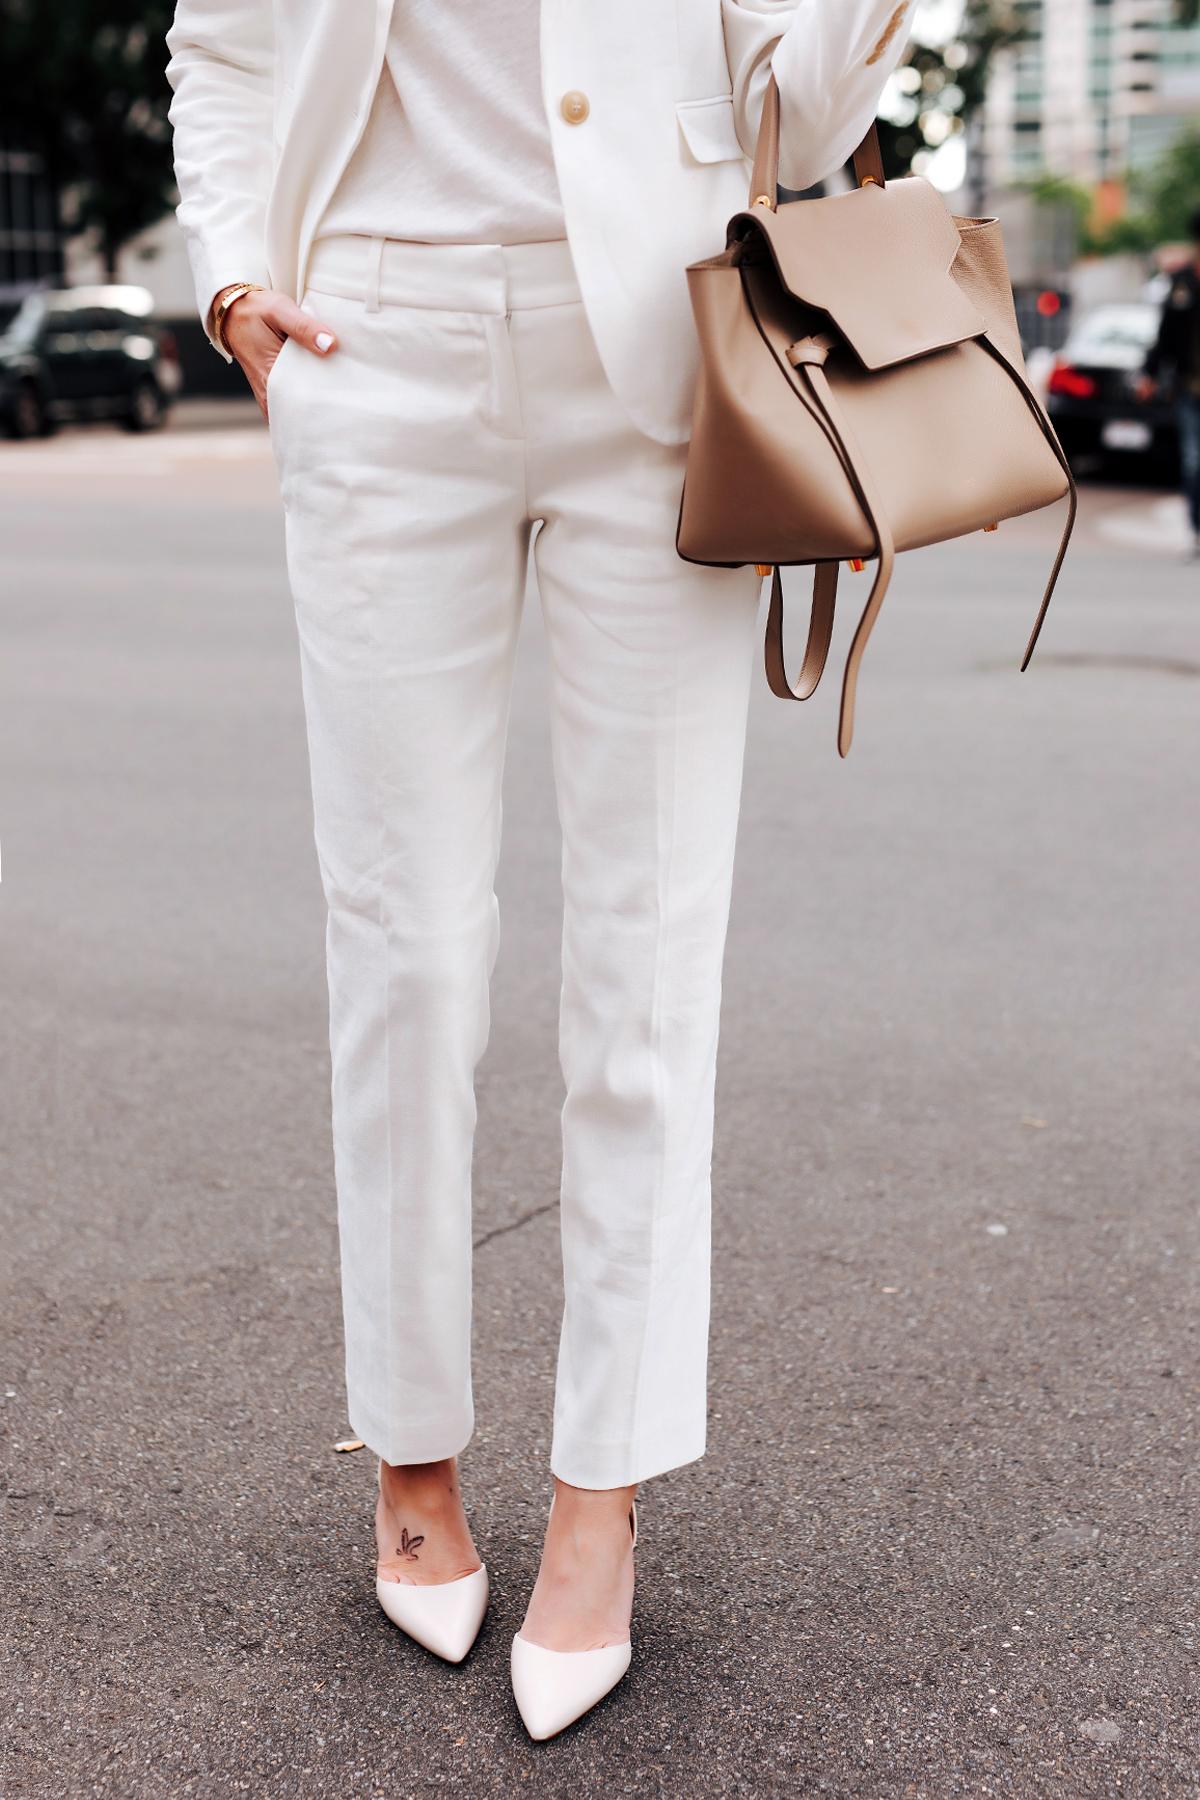 Fashion Jackson Wearing White Blazer Ann Taylor White Work Pants White Pumps Celine Mini Belt Bag